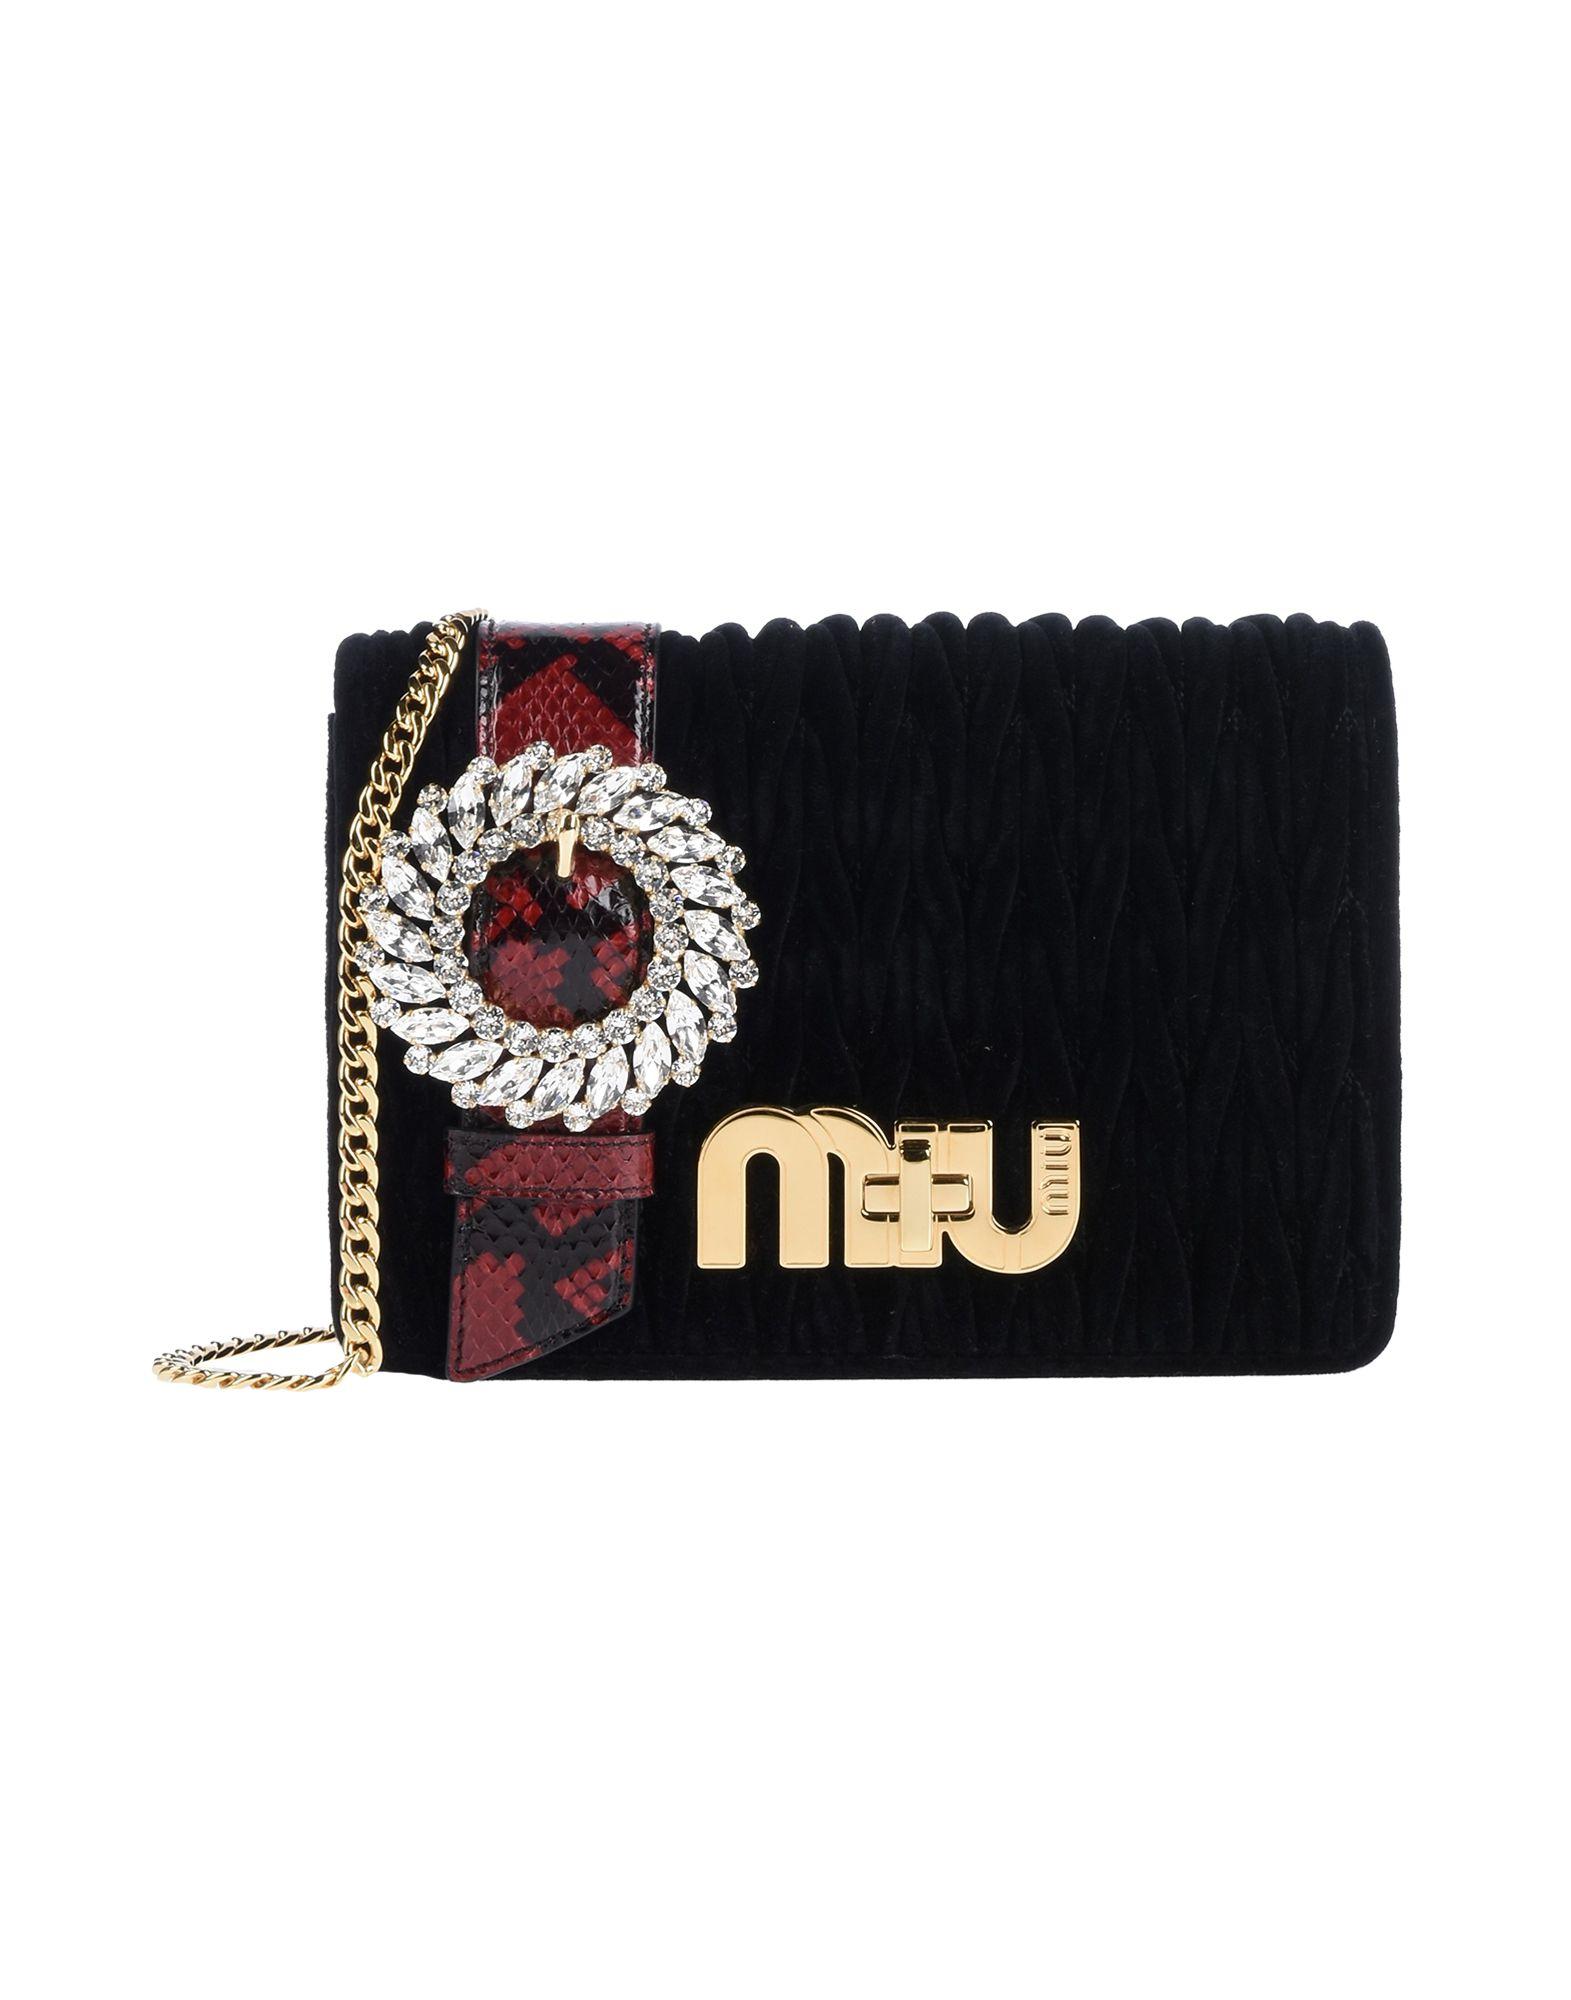 MIU MIU | MIU MIU Handbags 45448332 | Goxip